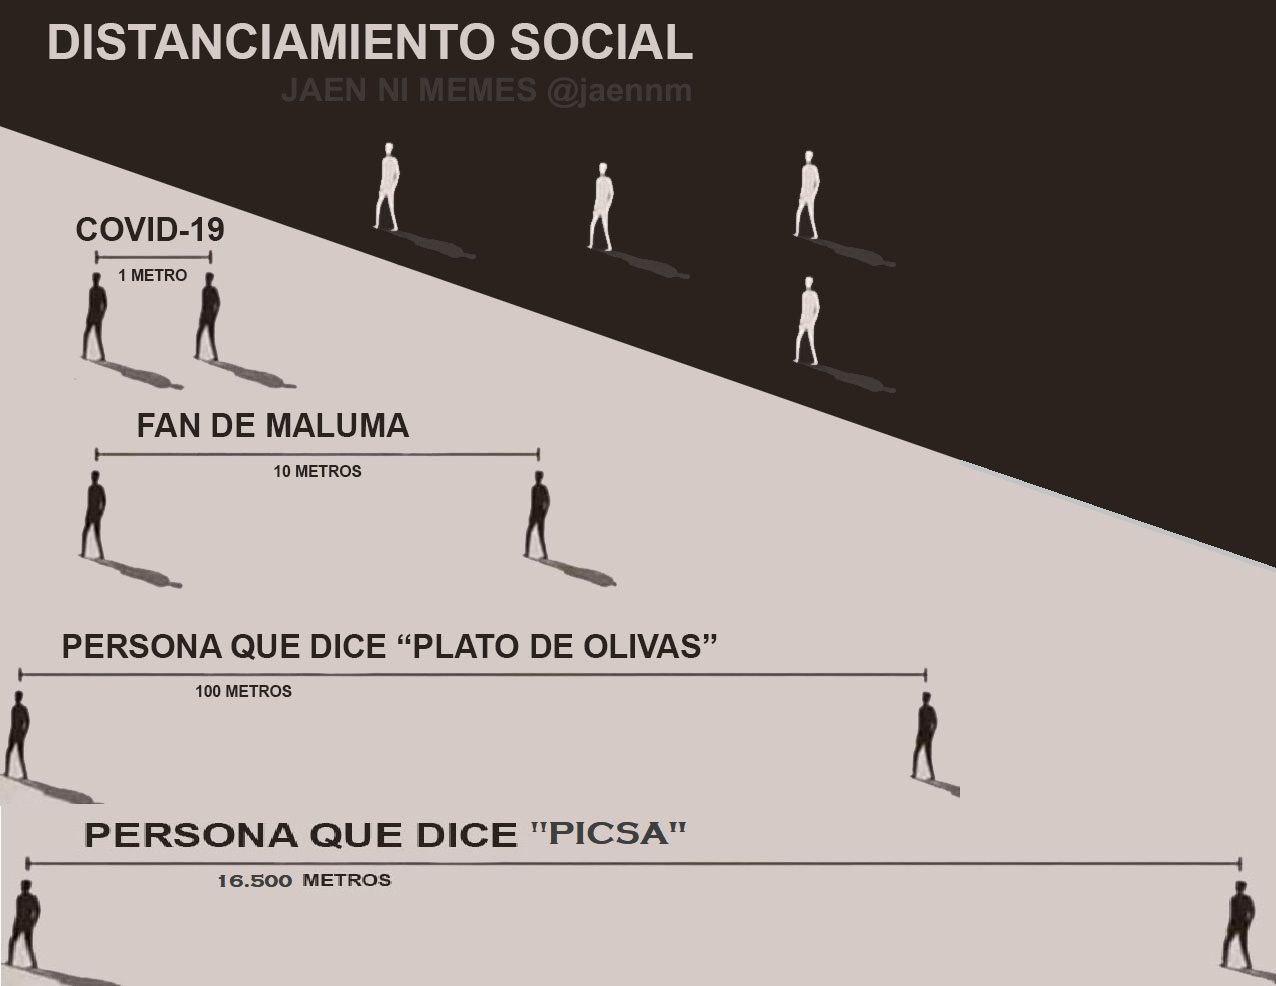 Pautas de distanciamiento social (actualizadas)